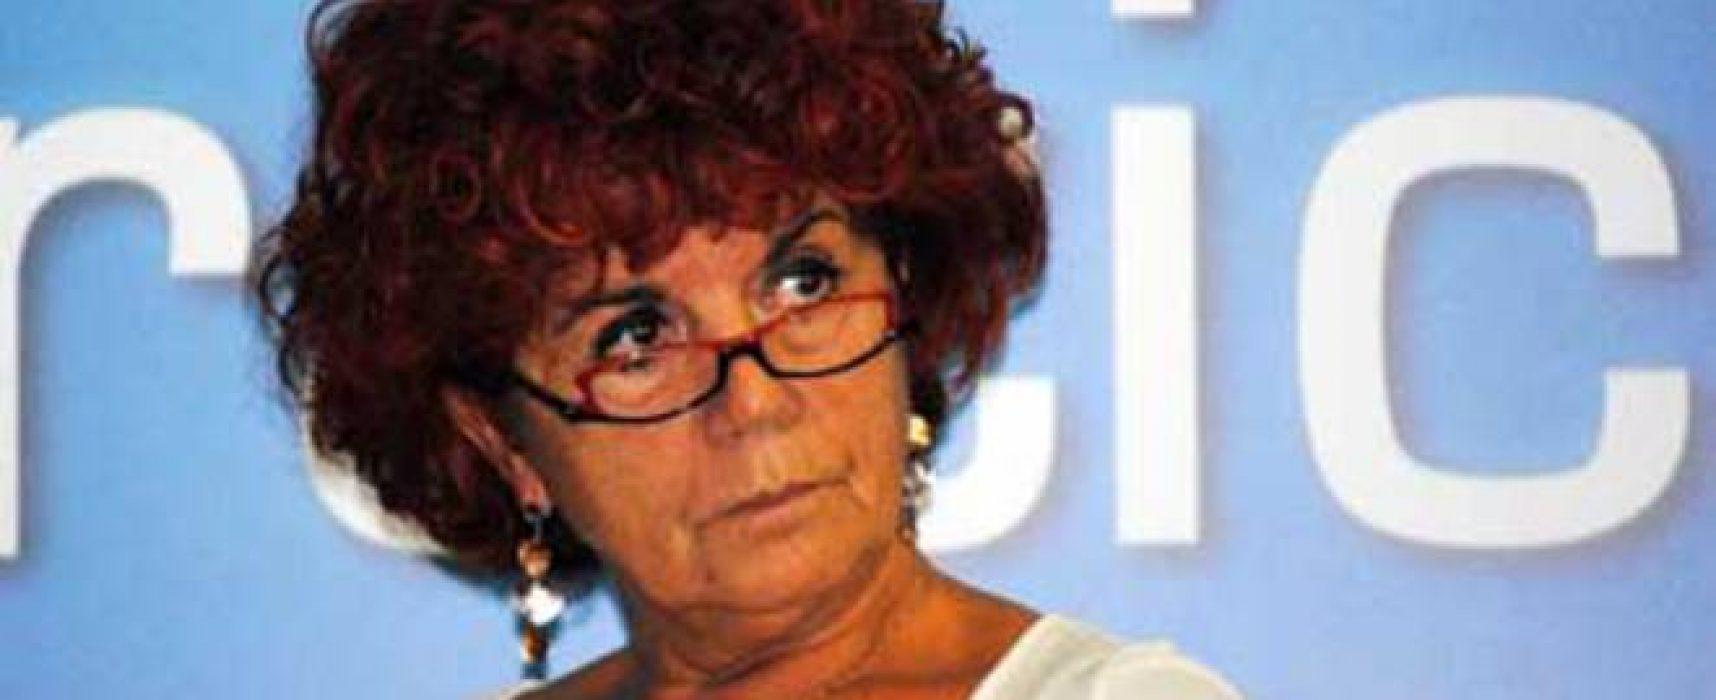 La ministra dell'istruzione Valeria Fedeli a Bisceglie su lavoro e occupazione giovanile